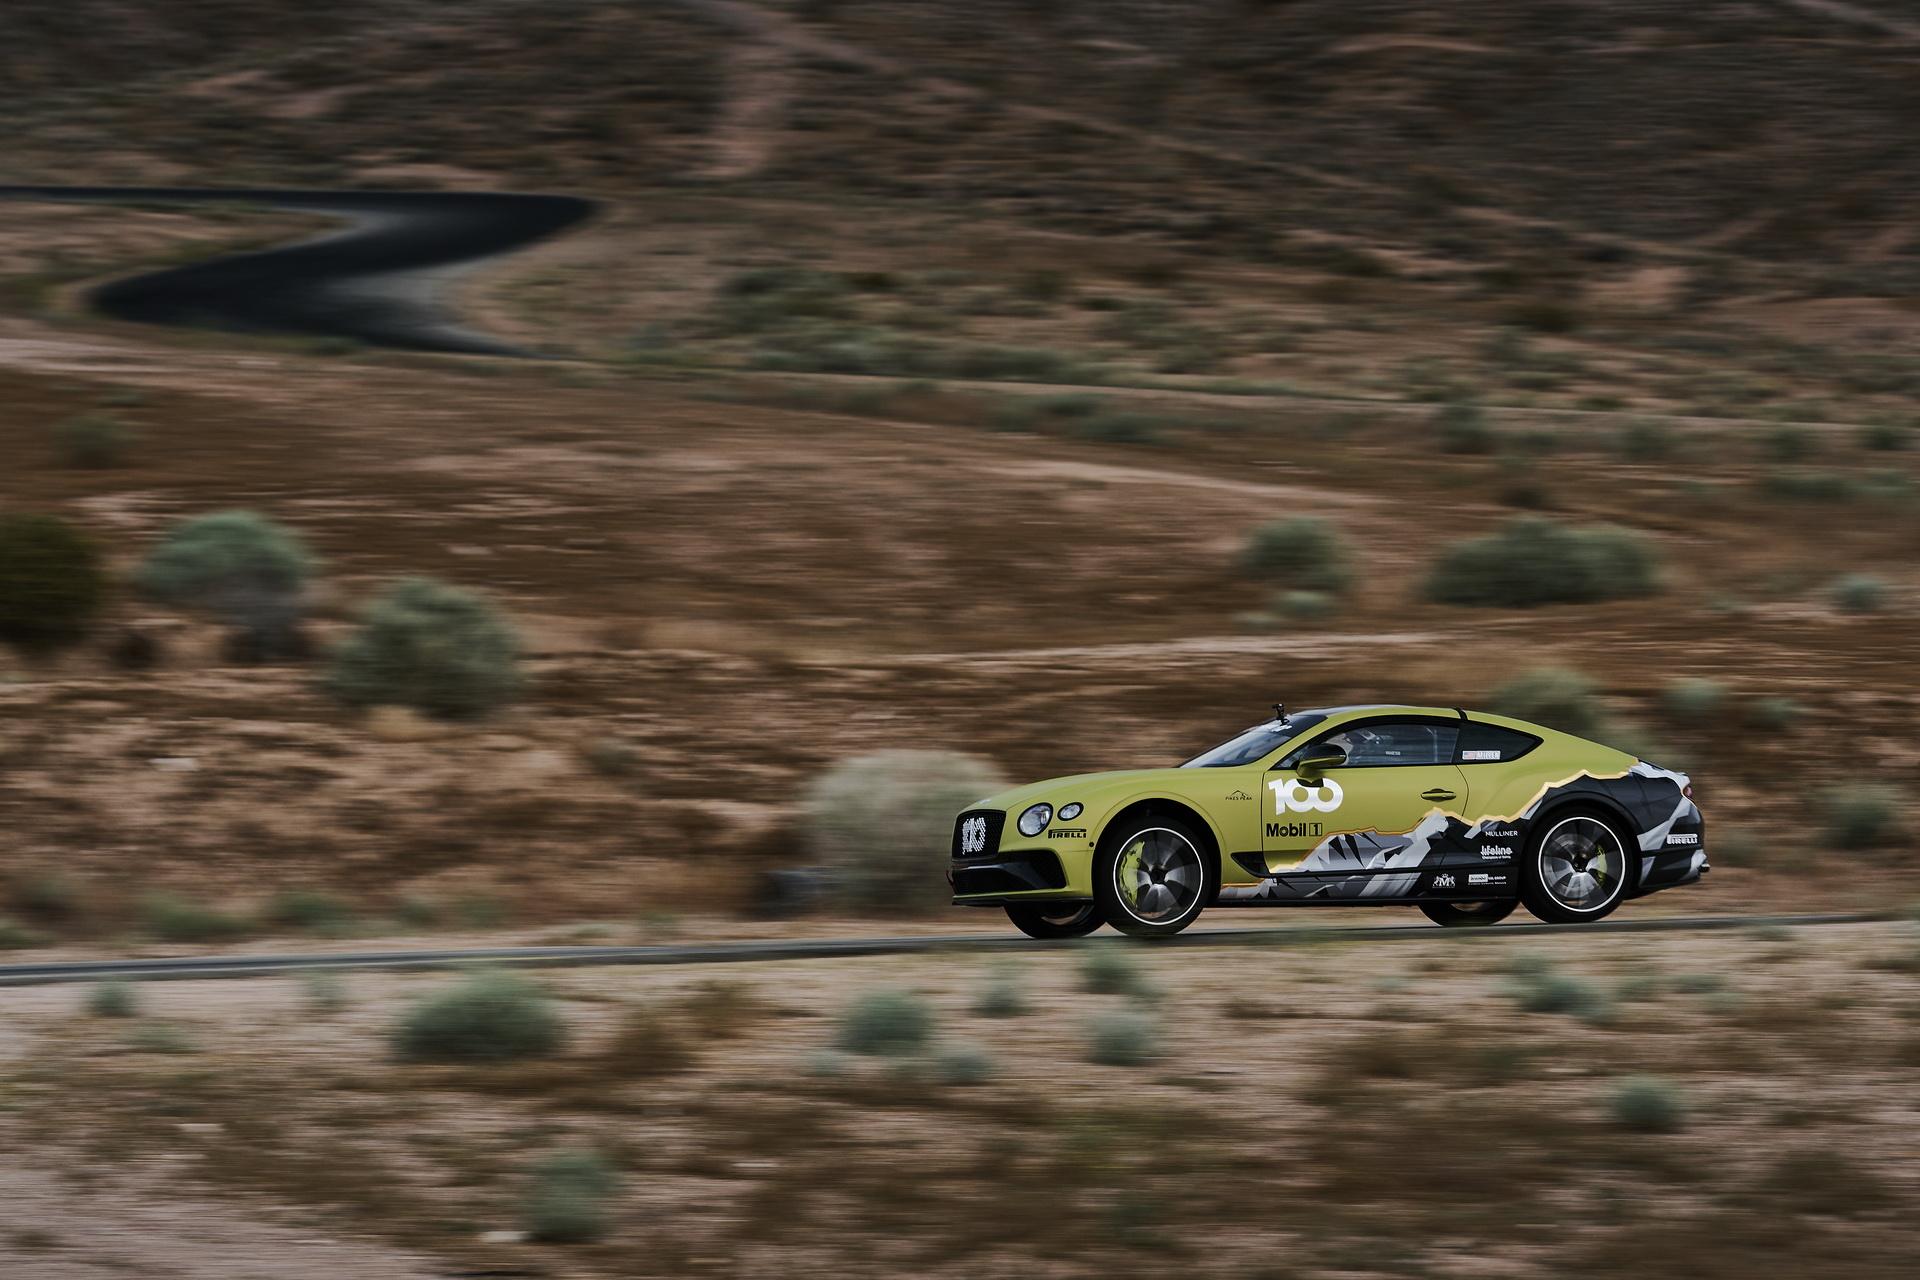 GT W12